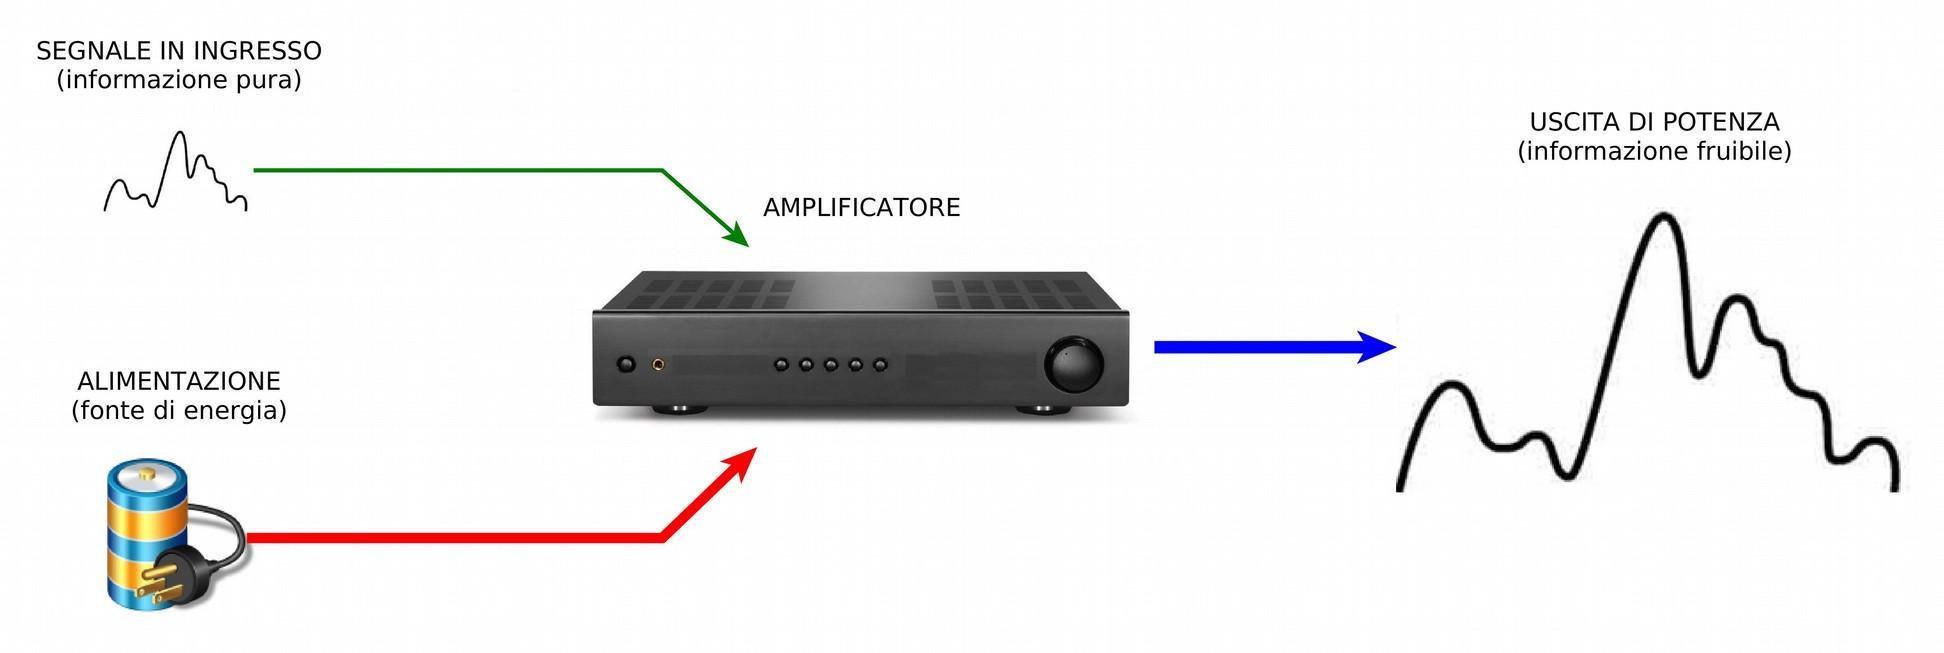 Un amplificatore è un oggetto che, concettualmente, ha due ingressi e un'uscita